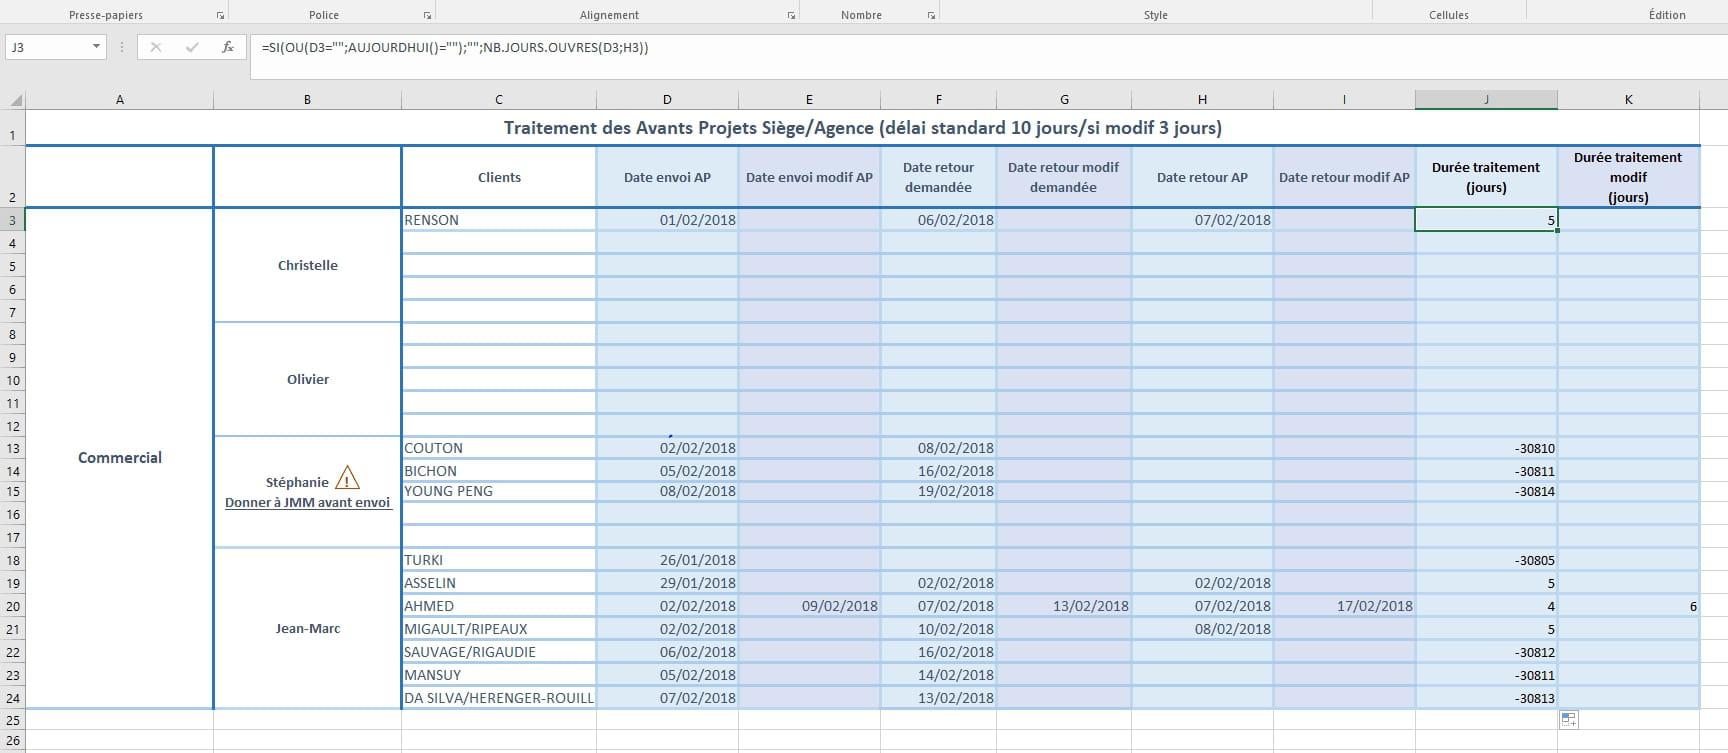 Tableau Excel Calcul Nb De Jours Ouvres Nombre Neg Resolu